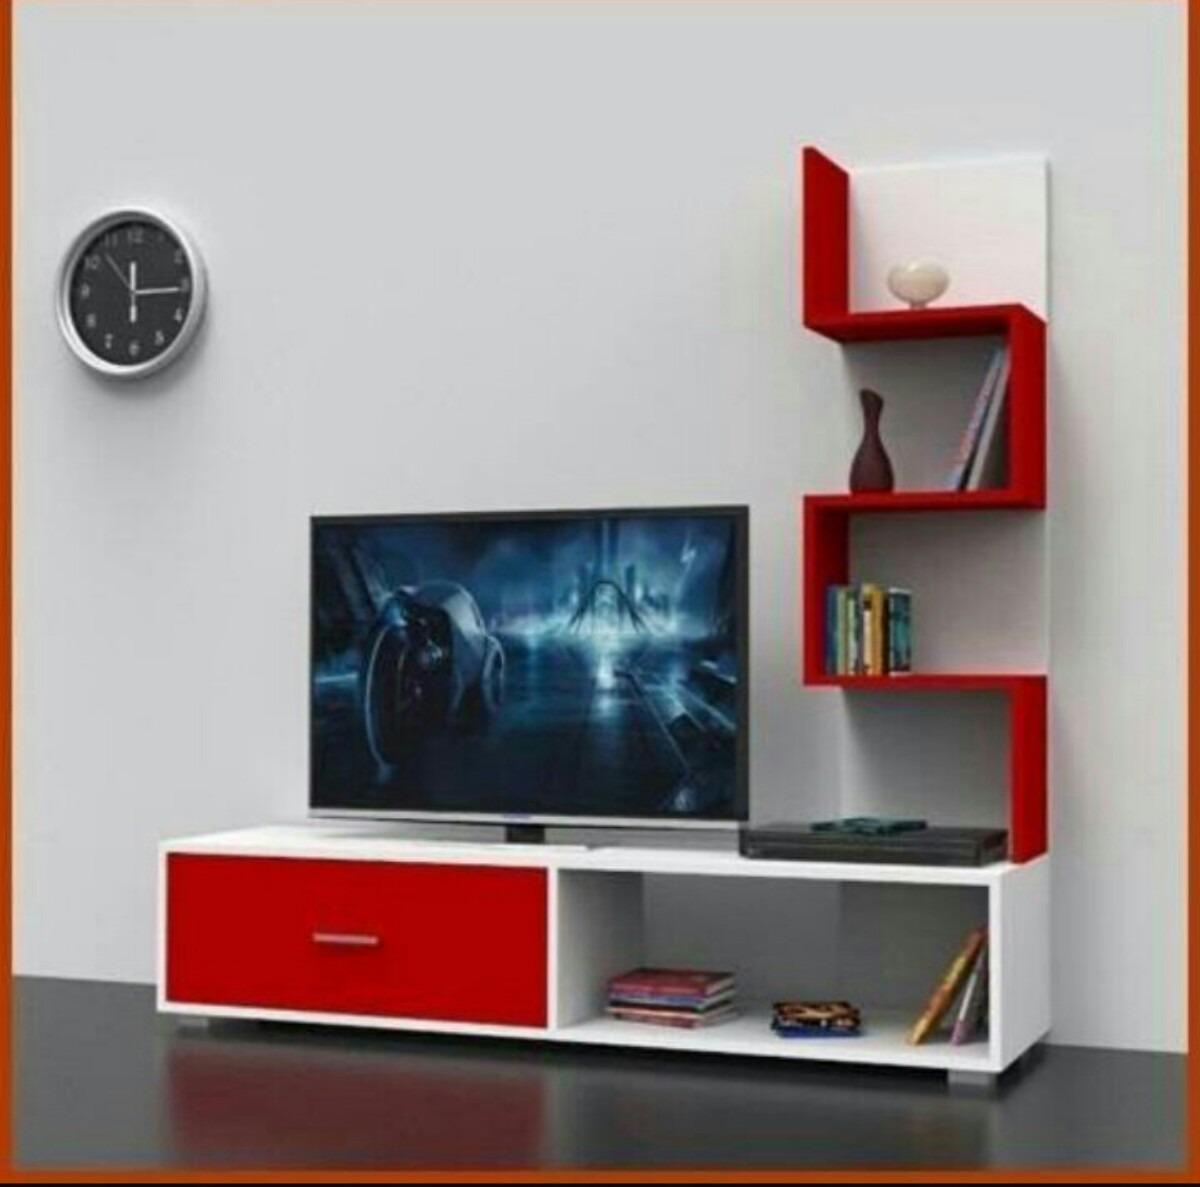 Centro de entretenimiento tv mdf modernos bs for Modelos de muebles para tv modernos